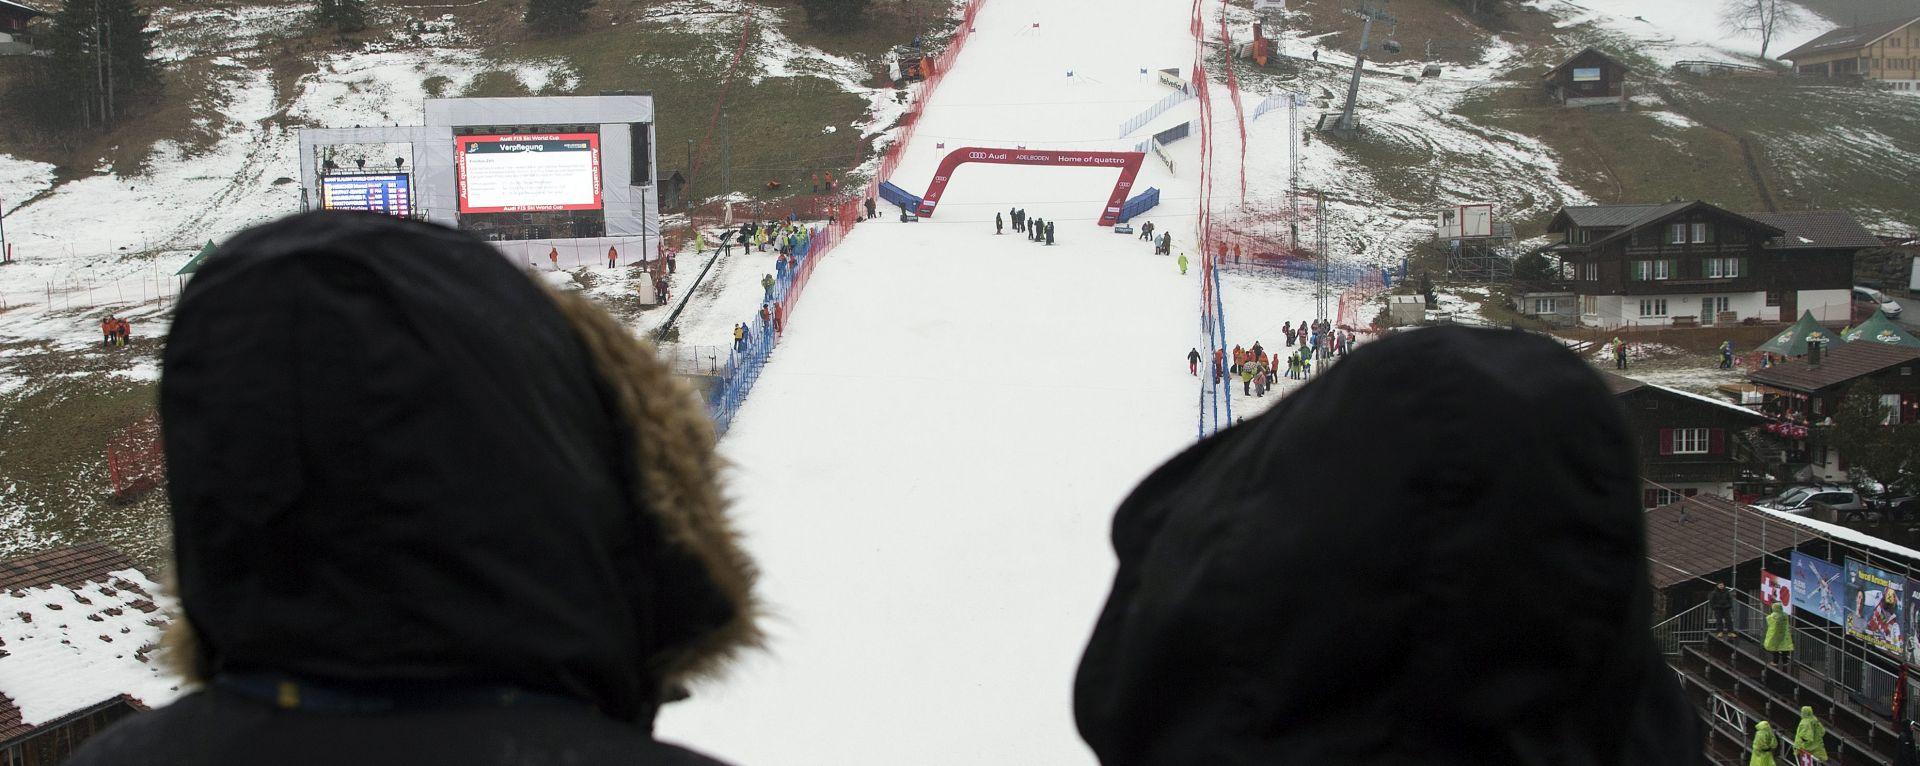 Adelboden: Zbog kiše otkazan veleslalom za skijaše